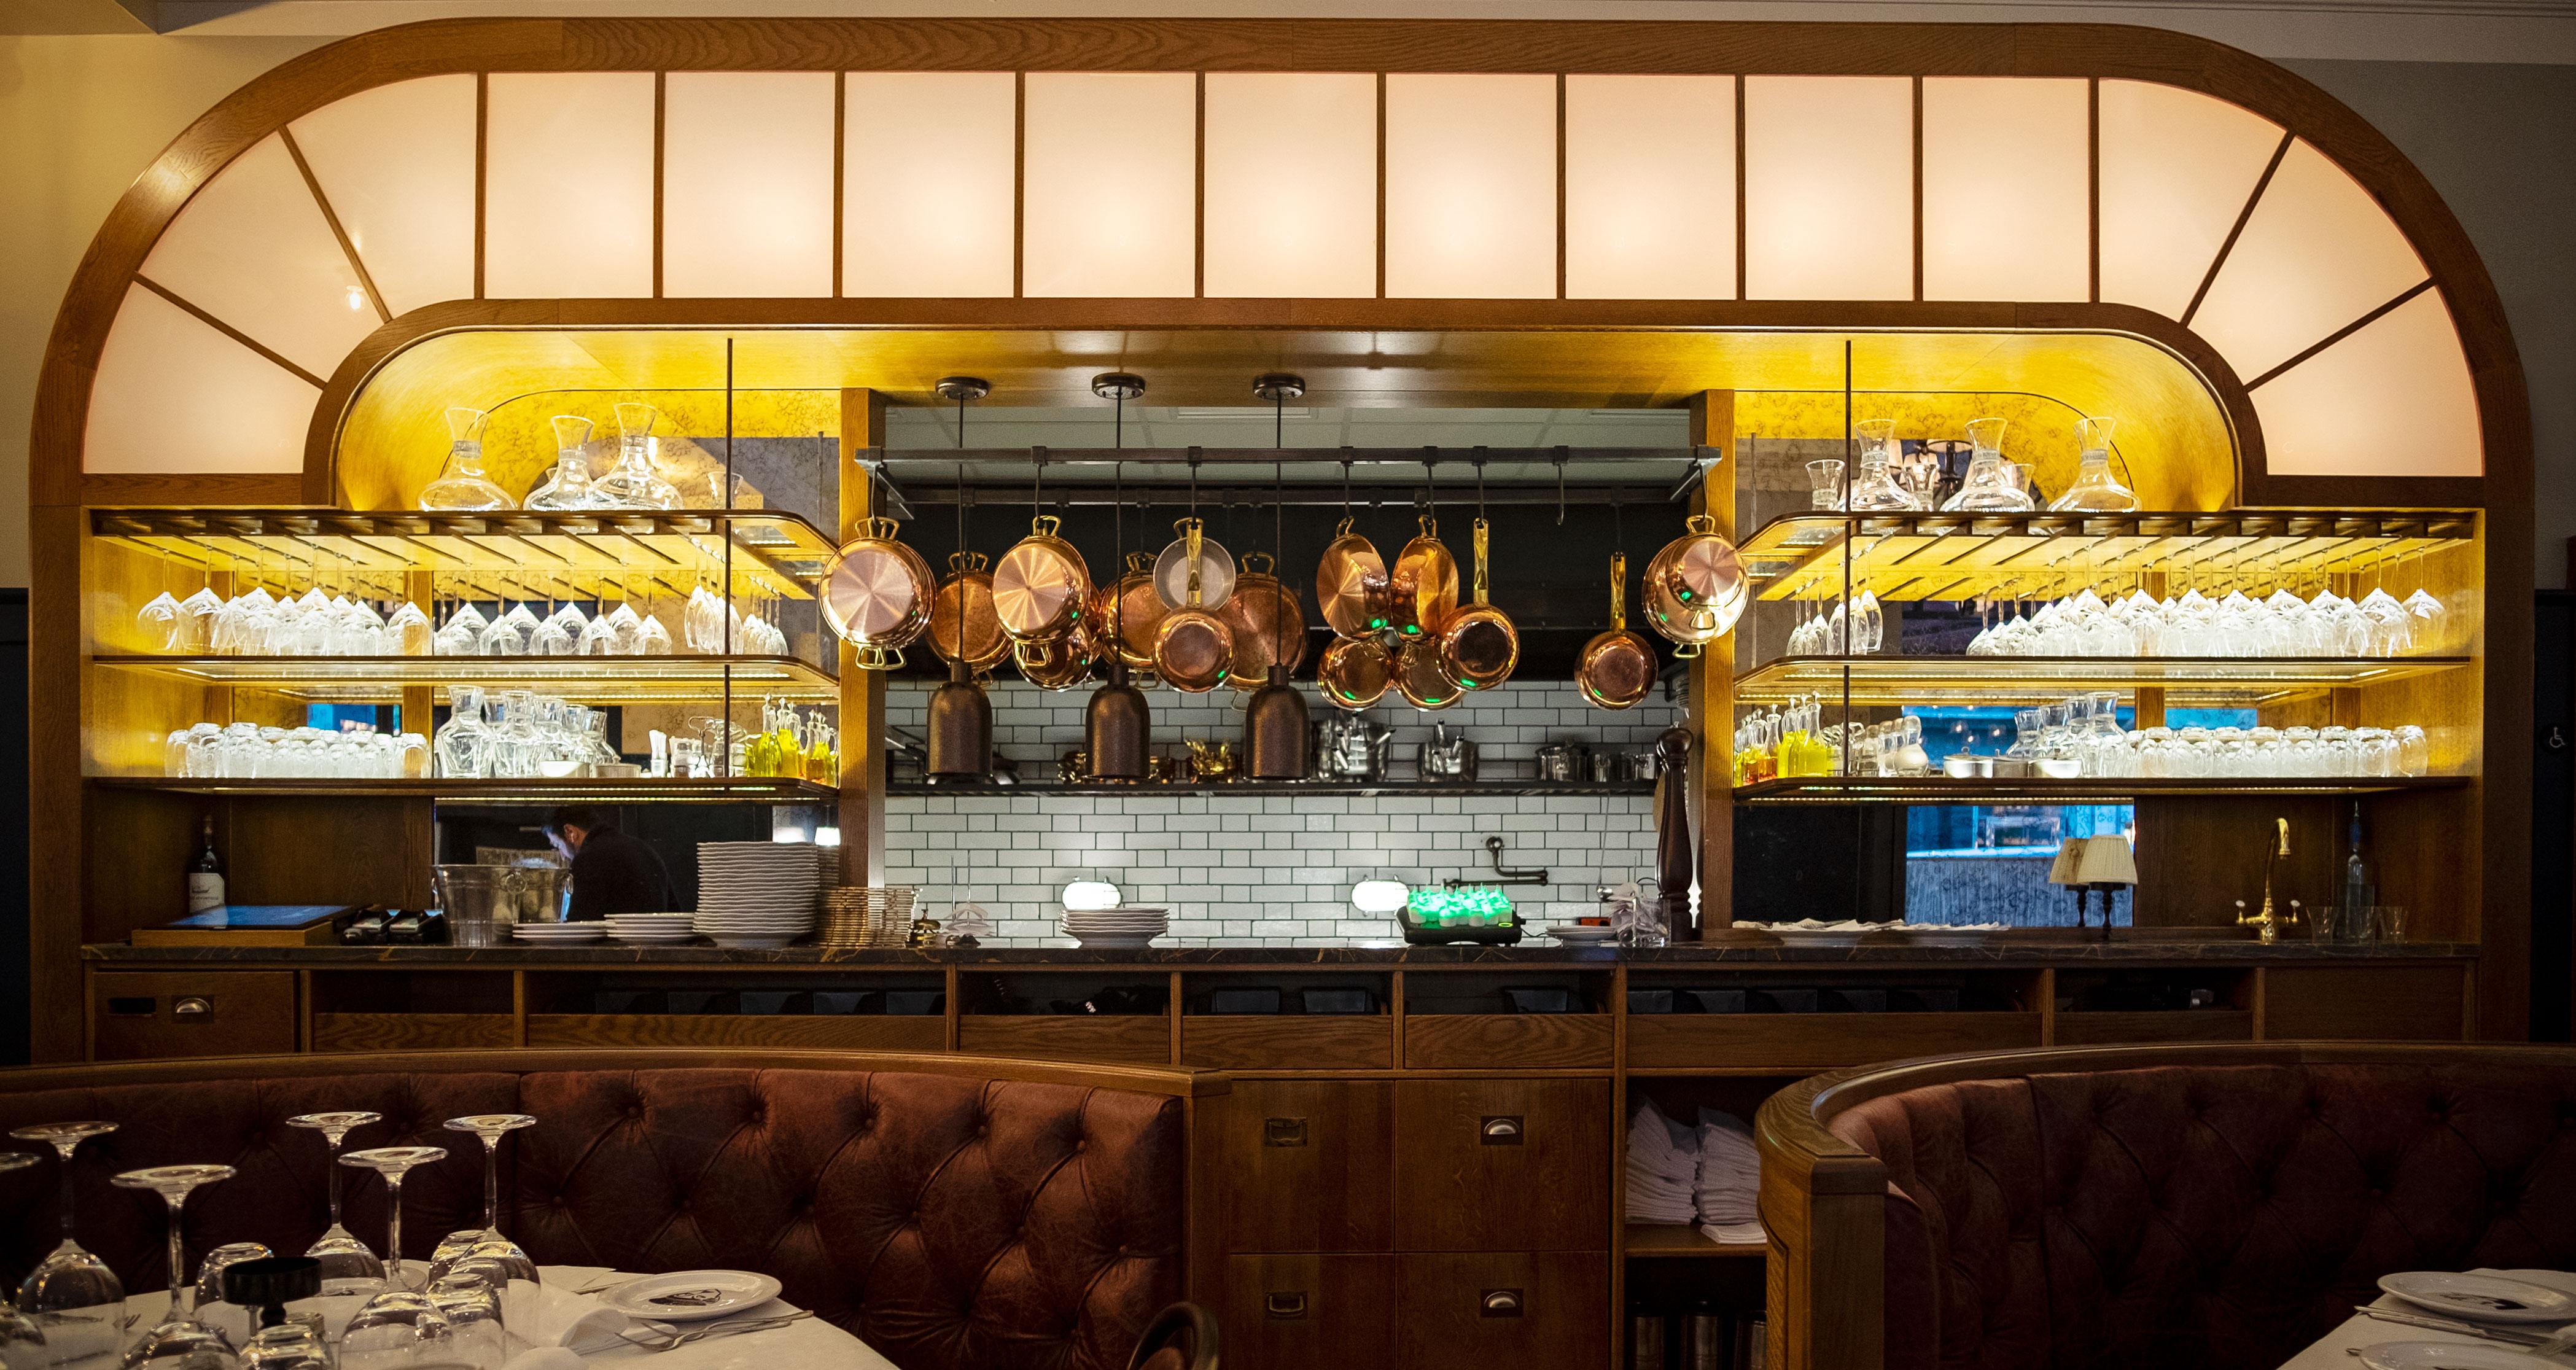 Glasfond mot köket på Ciccio's restaurang byggd av Lerch snickeri